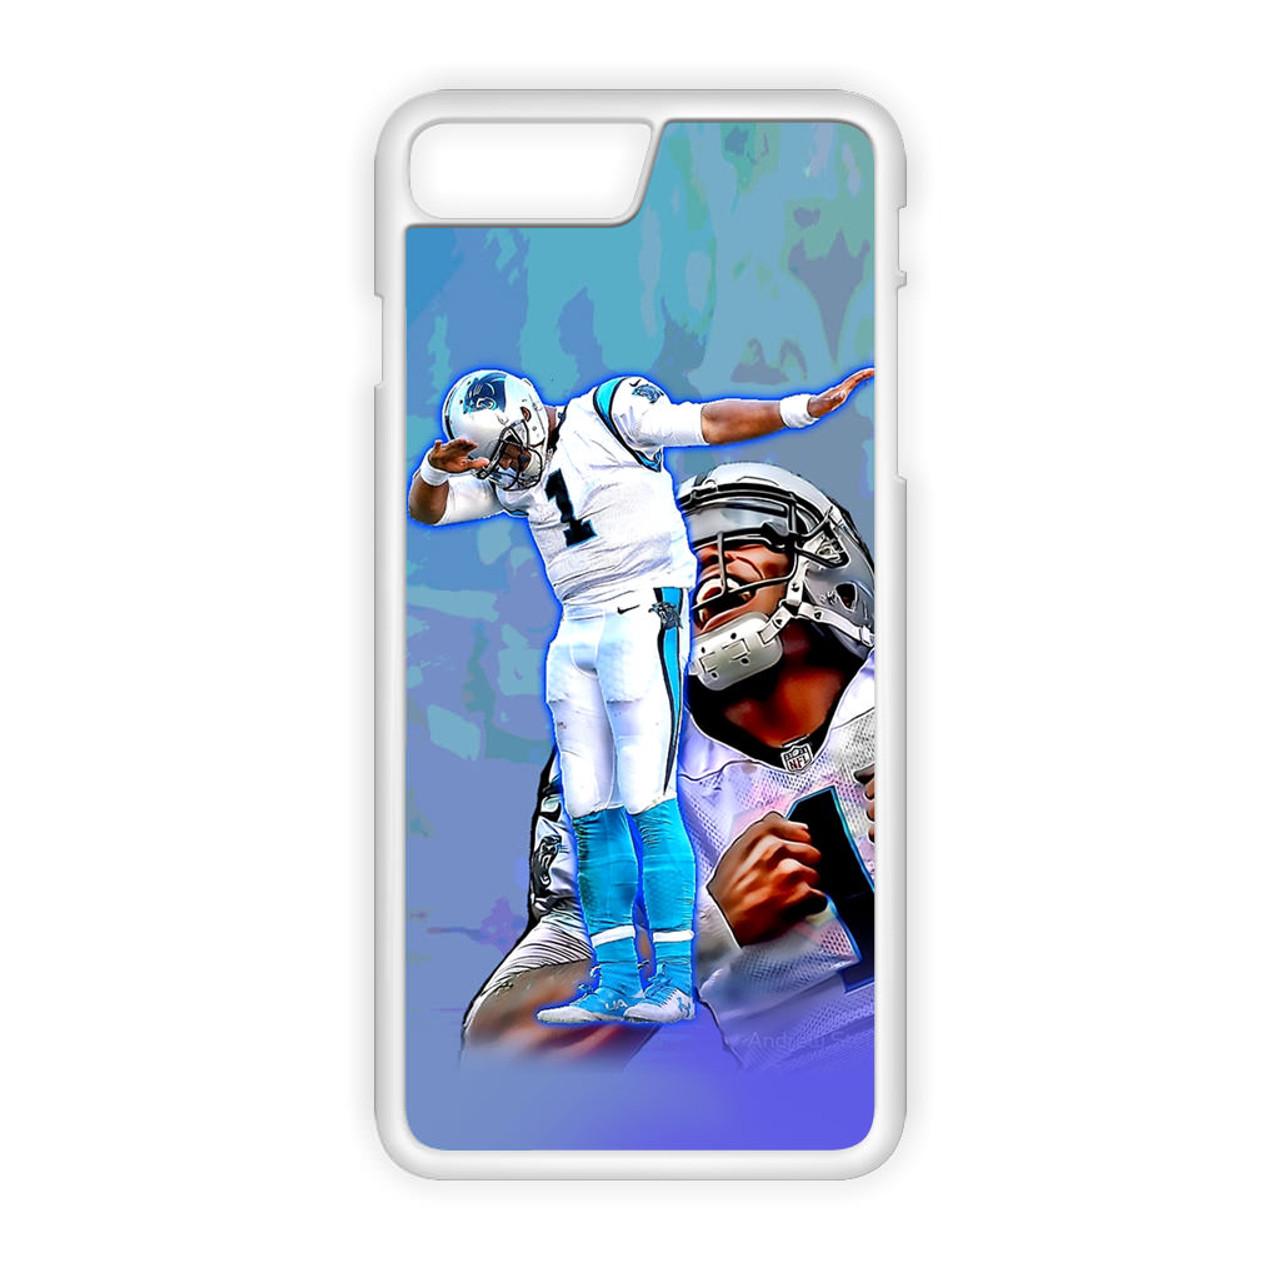 Cam Newton Dab 3 iphone case